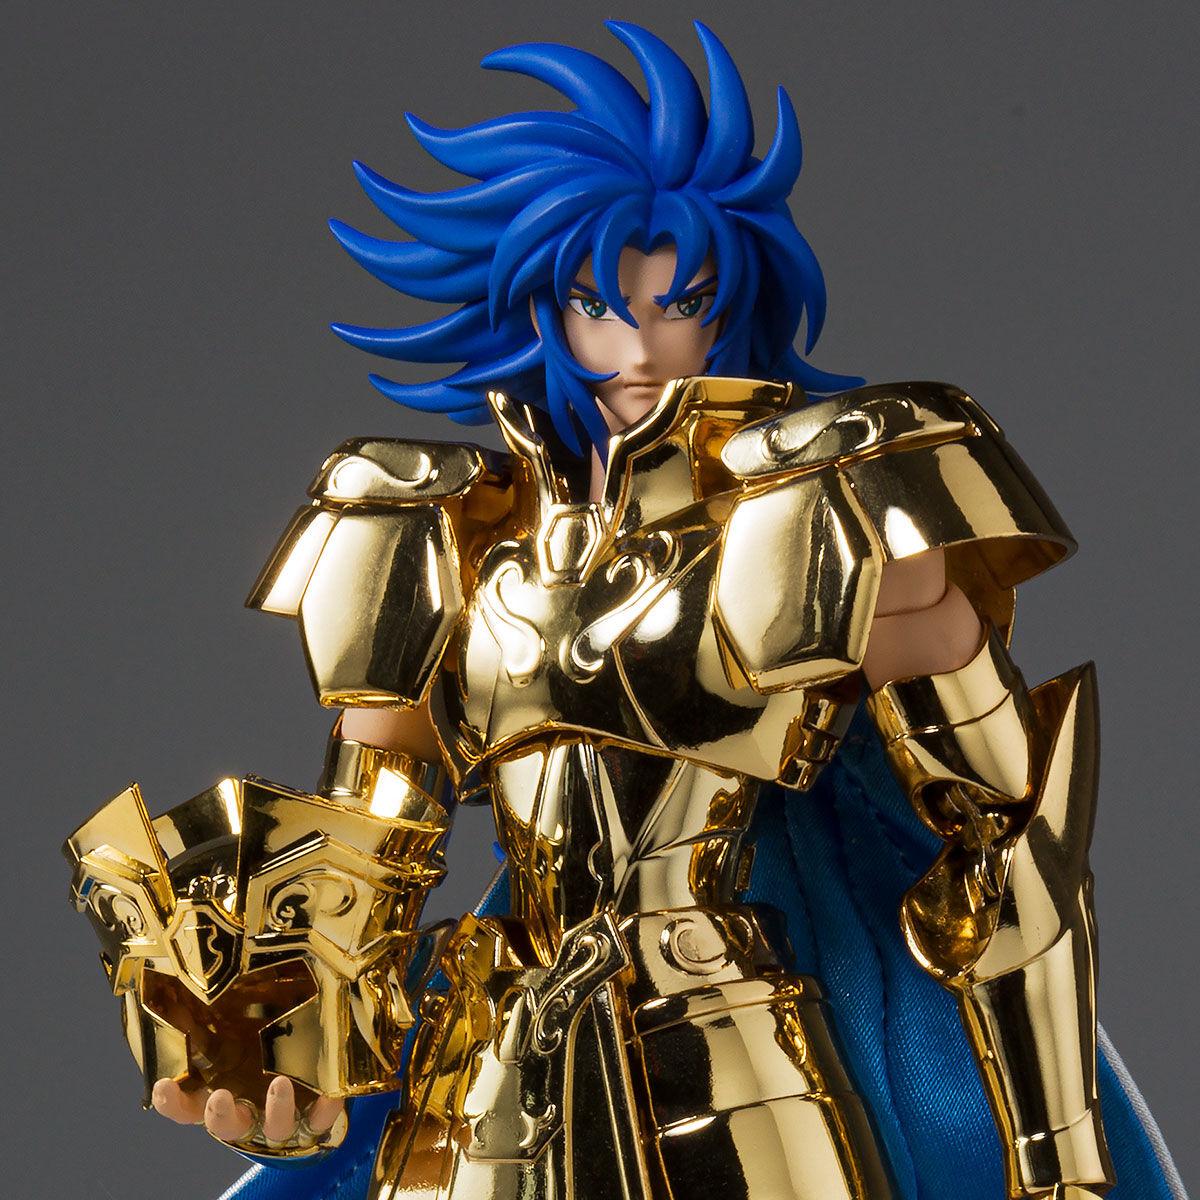 【限定販売】聖闘士聖衣神話EX『ジェミニ サガ GOLD24』聖闘士星矢 可動フィギュア-001